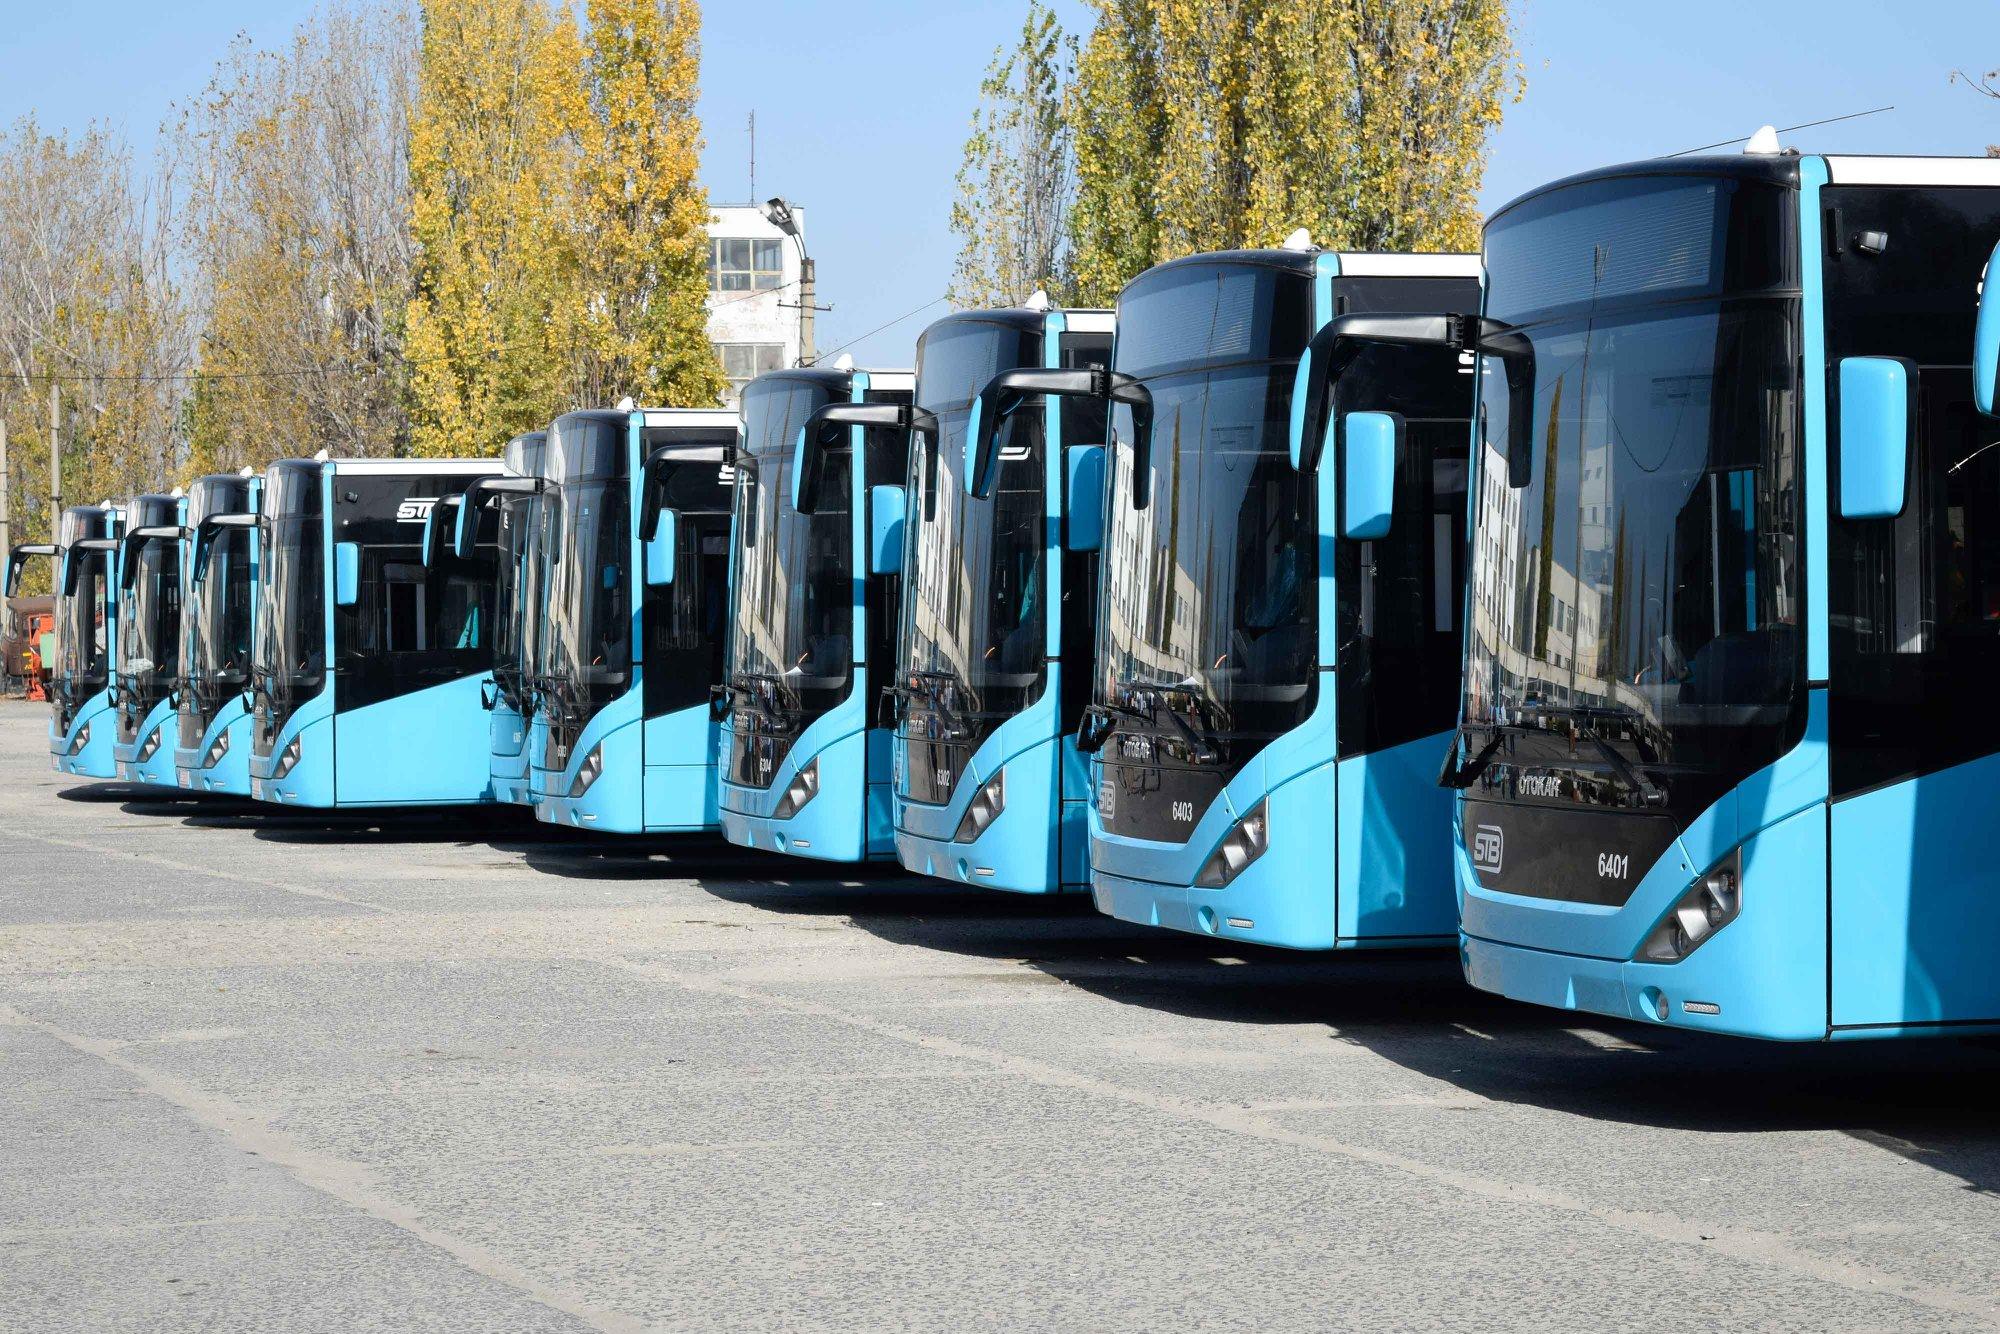 Autobuzele Otokar care vor asigura transportul STB în Bucureşti